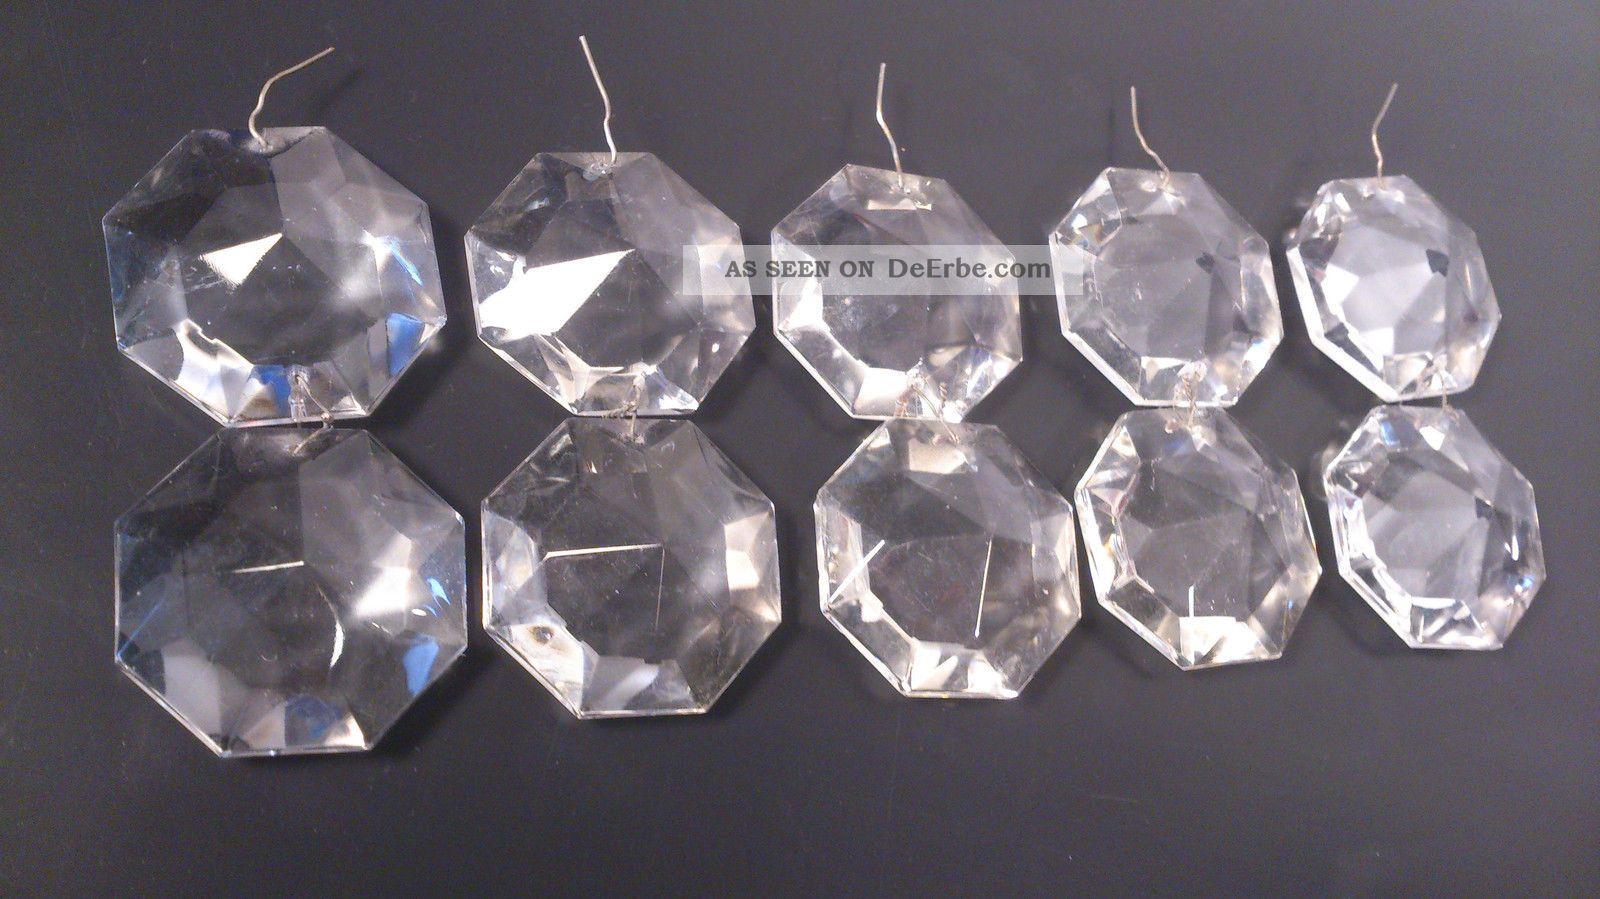 Kronleuchter Kristall Ersatzteile ~ Kronleuchter kristall ersatzteile u2013 glas pendelleuchte modern